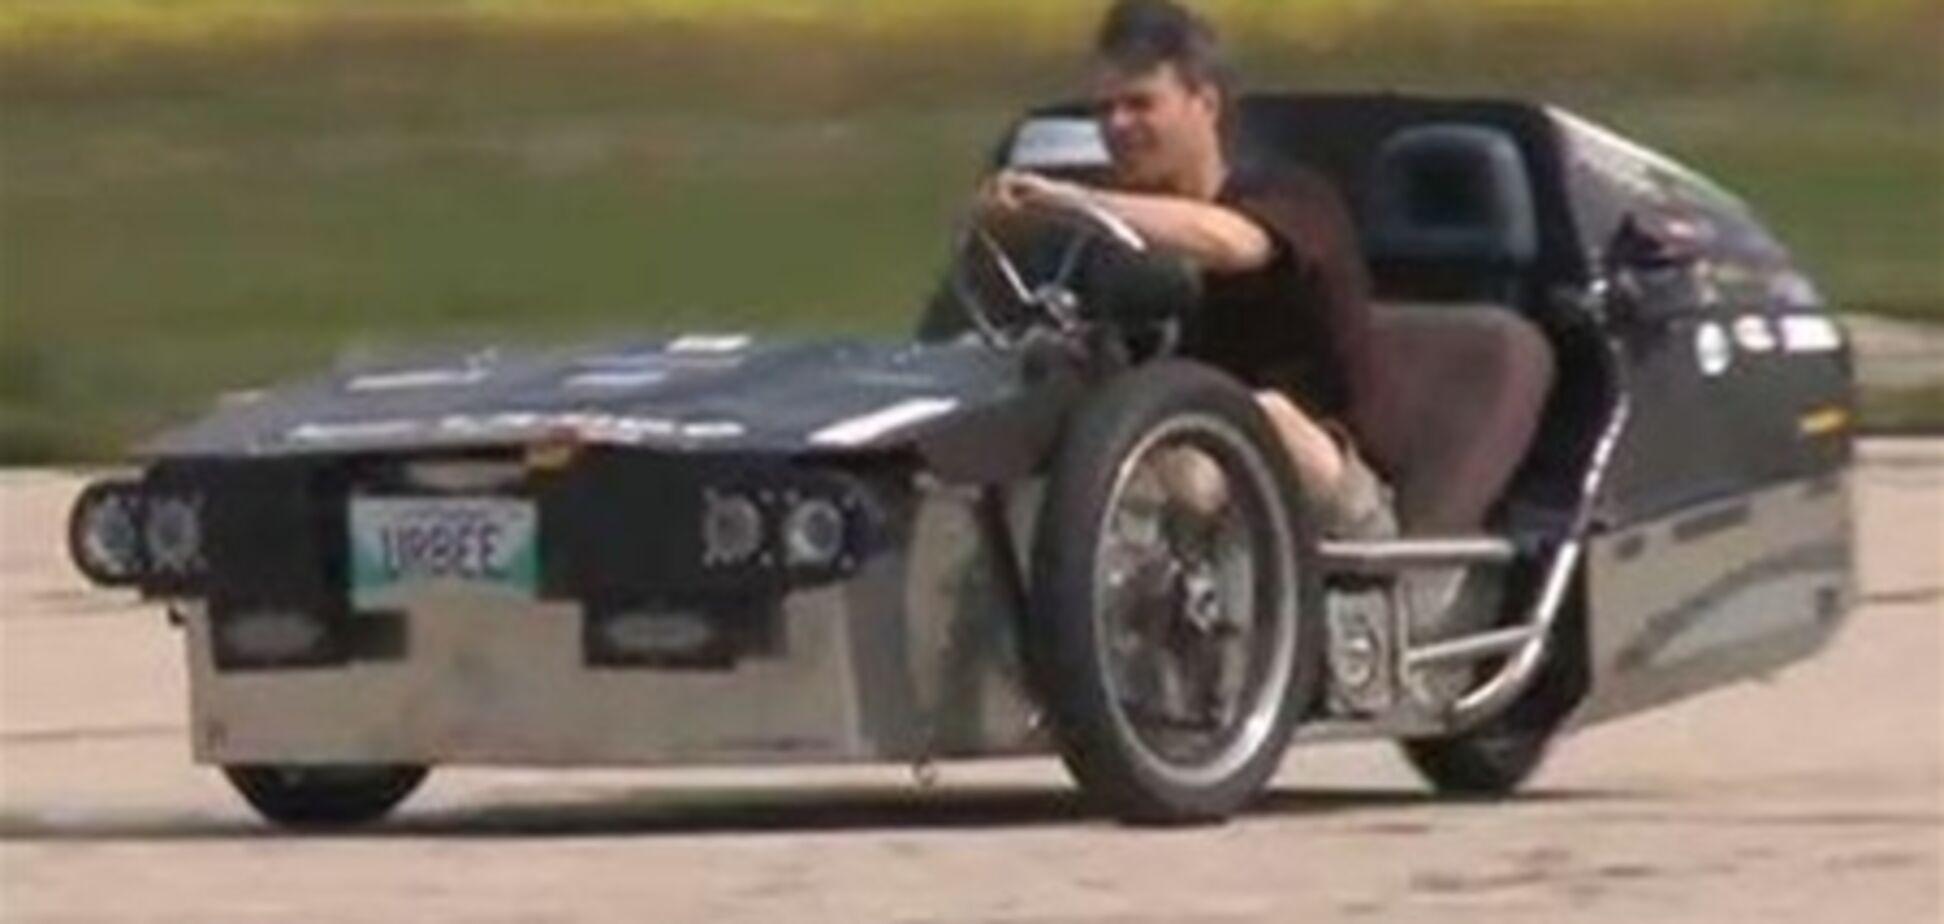 Представлен автомобиль, напечатанный на 3D-принтере. Видео